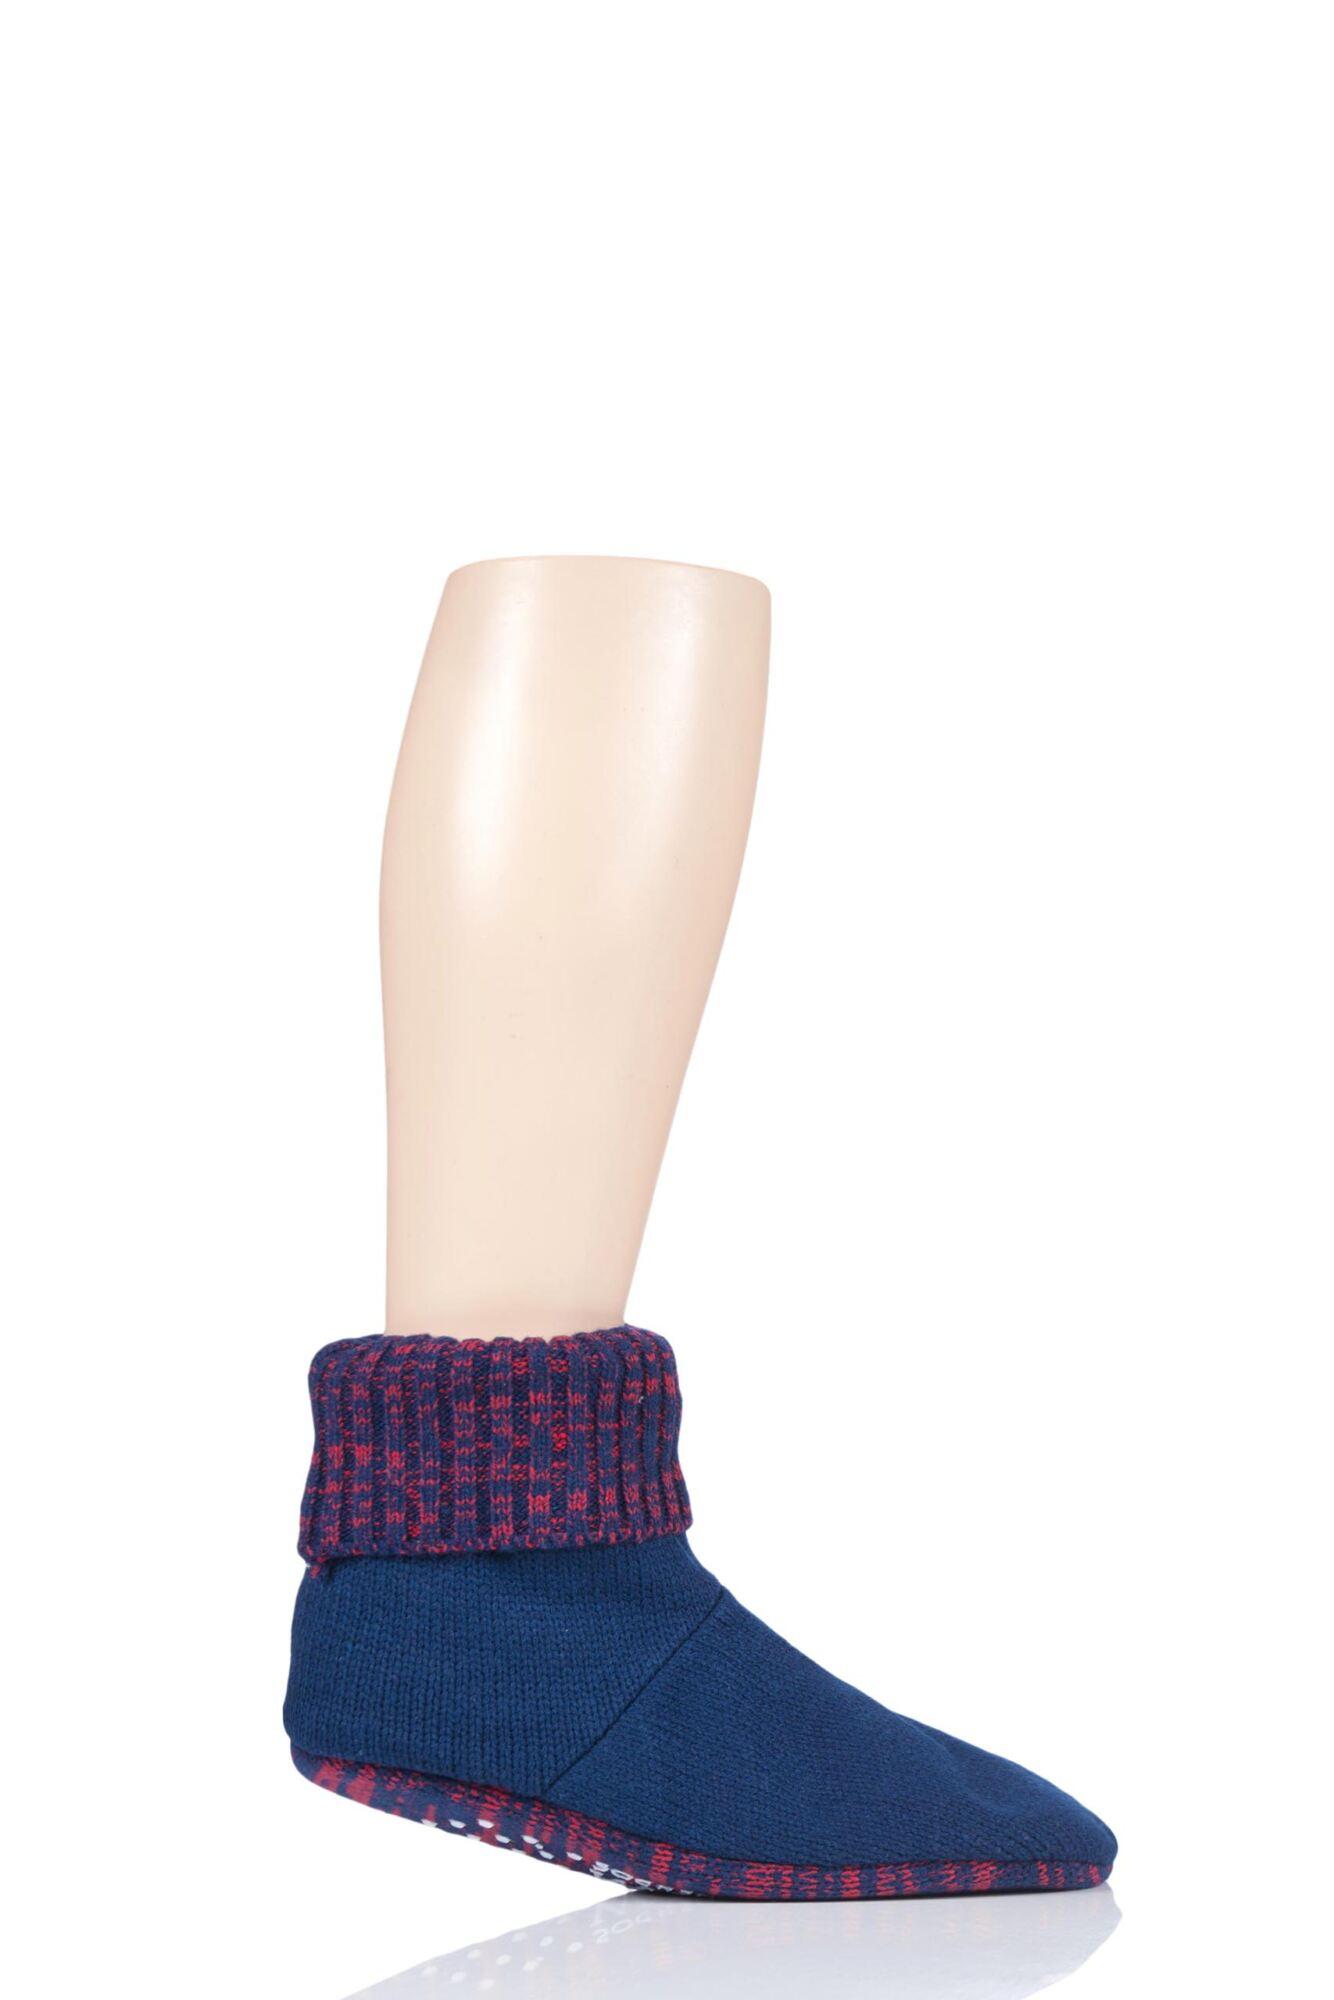 Mens 1 Pair SockShop Wild Feet Knitted Bootie Slippers